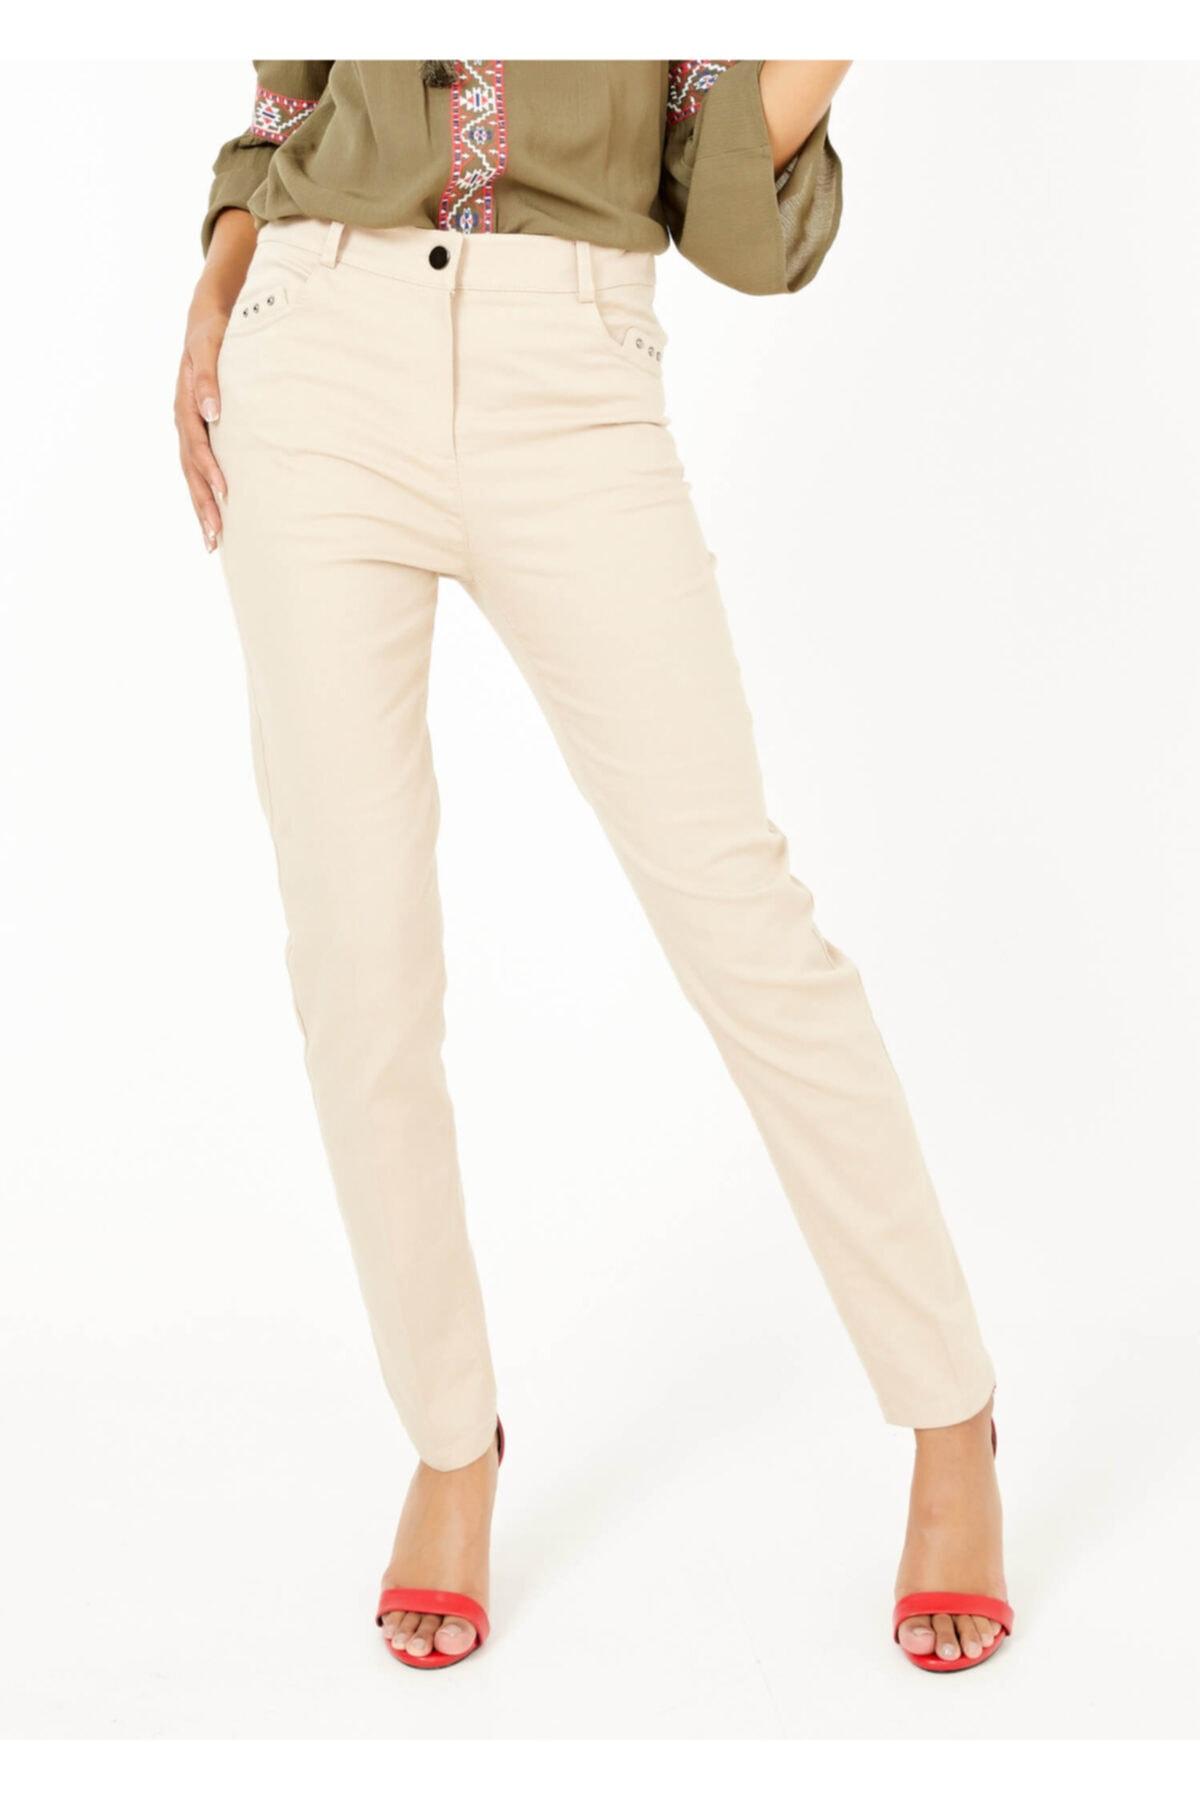 Adze Kadın Bej Slim Fit Likralı Pantalon Bej 1